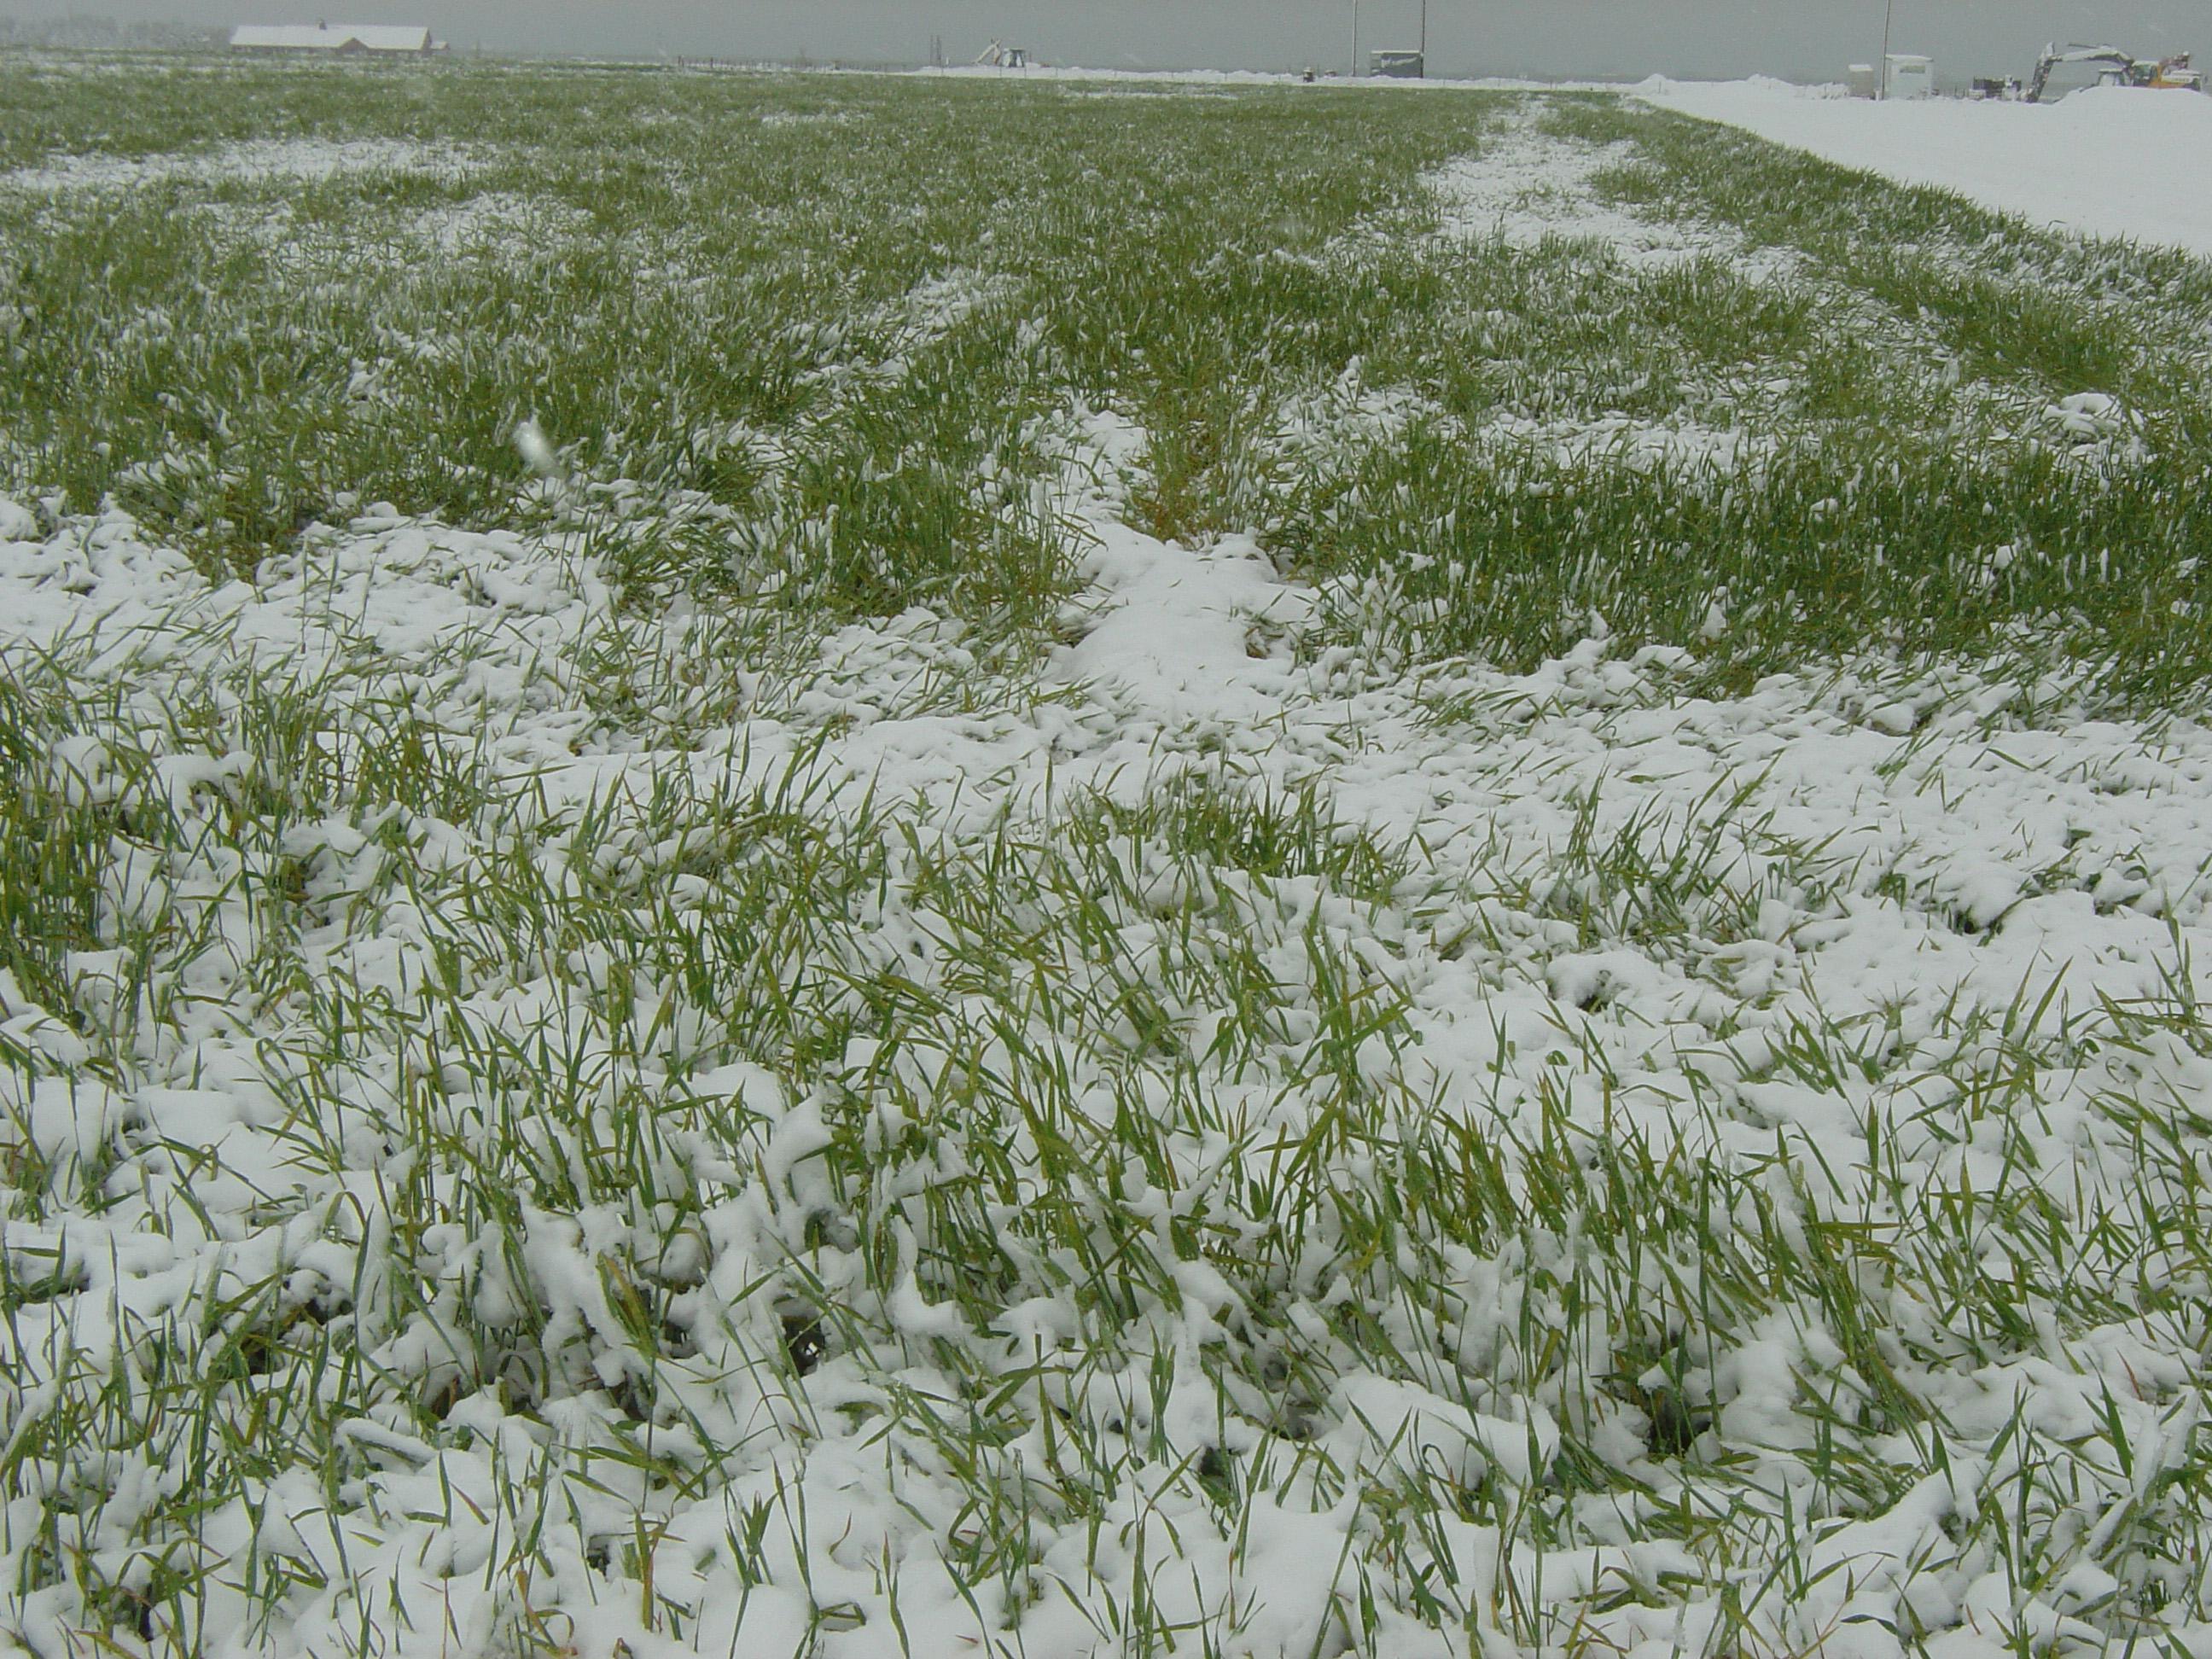 Recent Moisture Aids Winter Wheat Crop